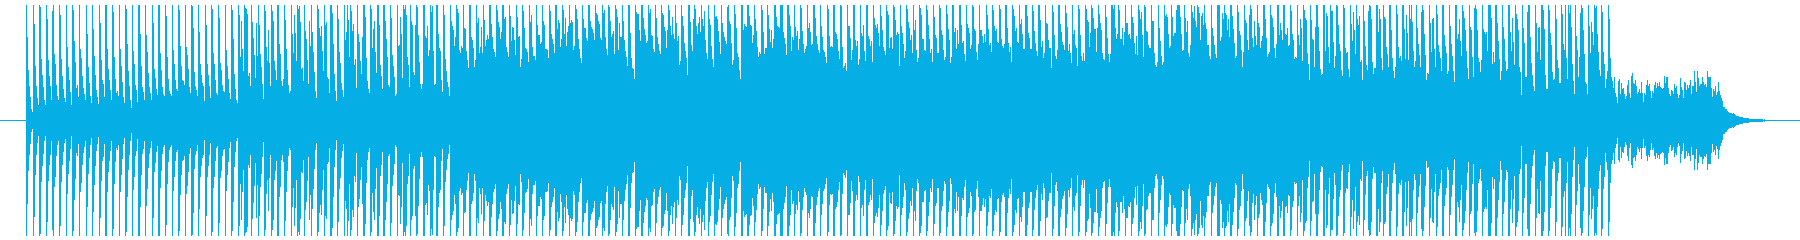 ミステリアスなテクノの再生済みの波形